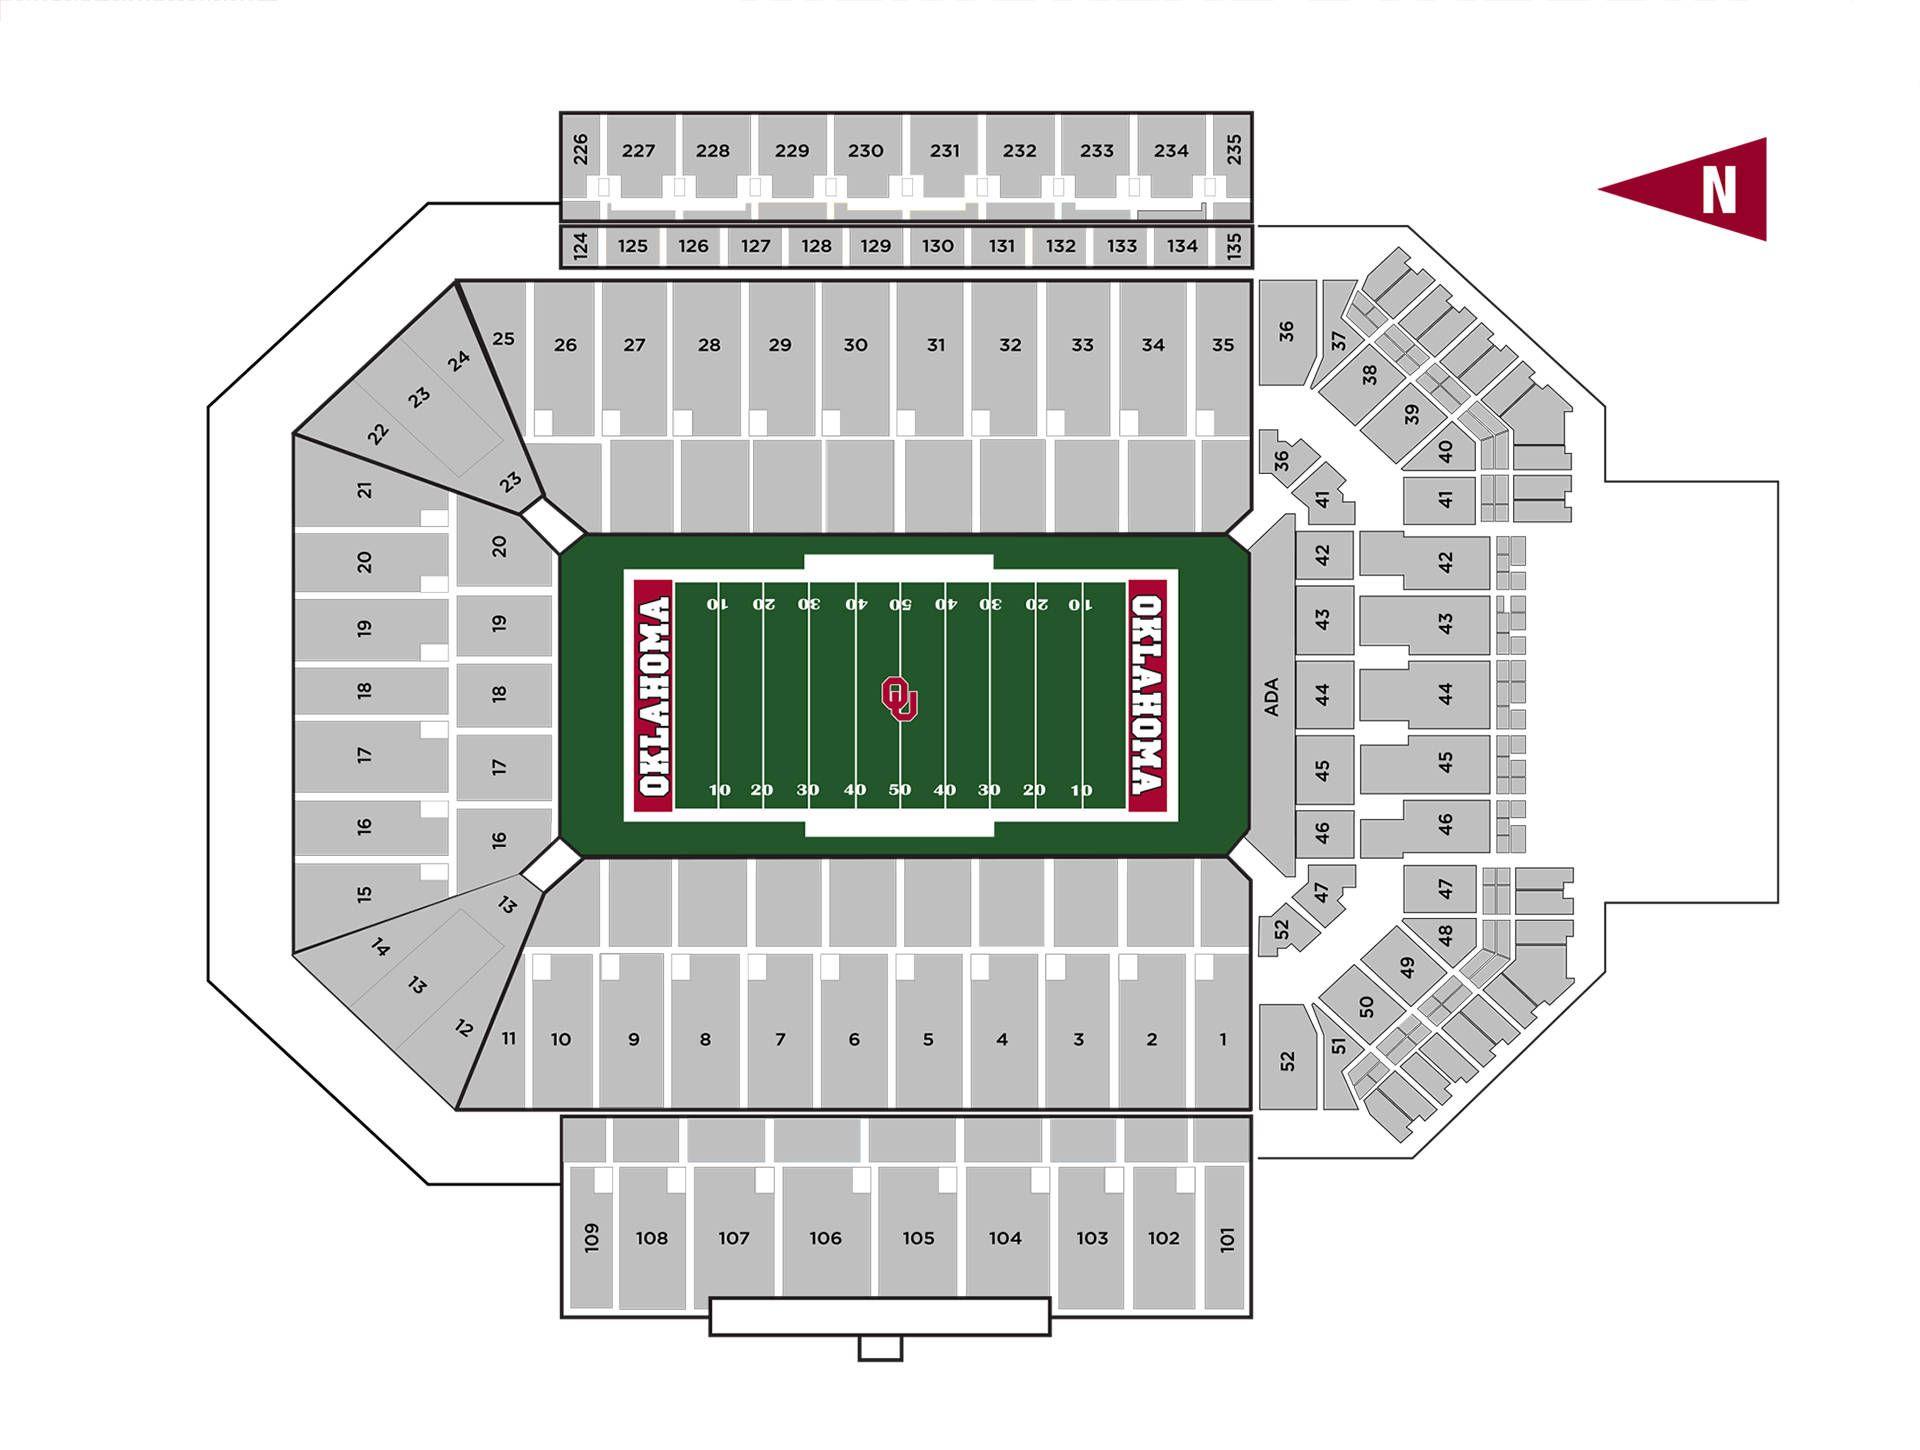 Oklahoma Sooner Football Stadium Seating Chart In 2020 Oklahoma Sooners Football Football Ticket Sooner Football